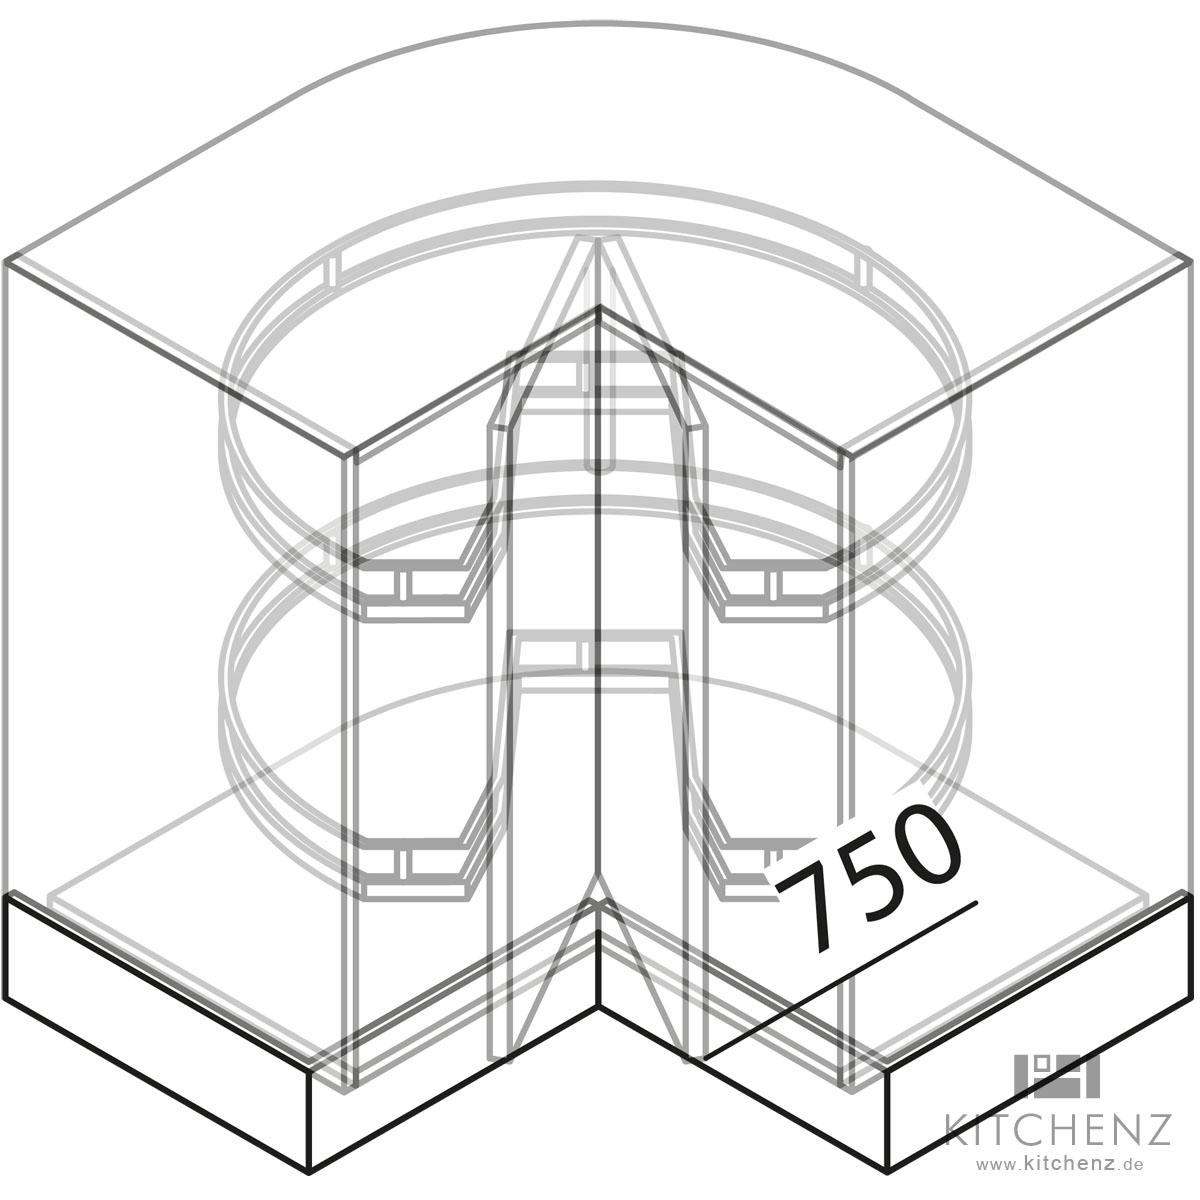 Full Size of Nolte Kchen Eckschrank Uek80 Online Kaufen Bad Schlafzimmer Küchen Regal Küche Wohnzimmer Küchen Eckschrank Rondell